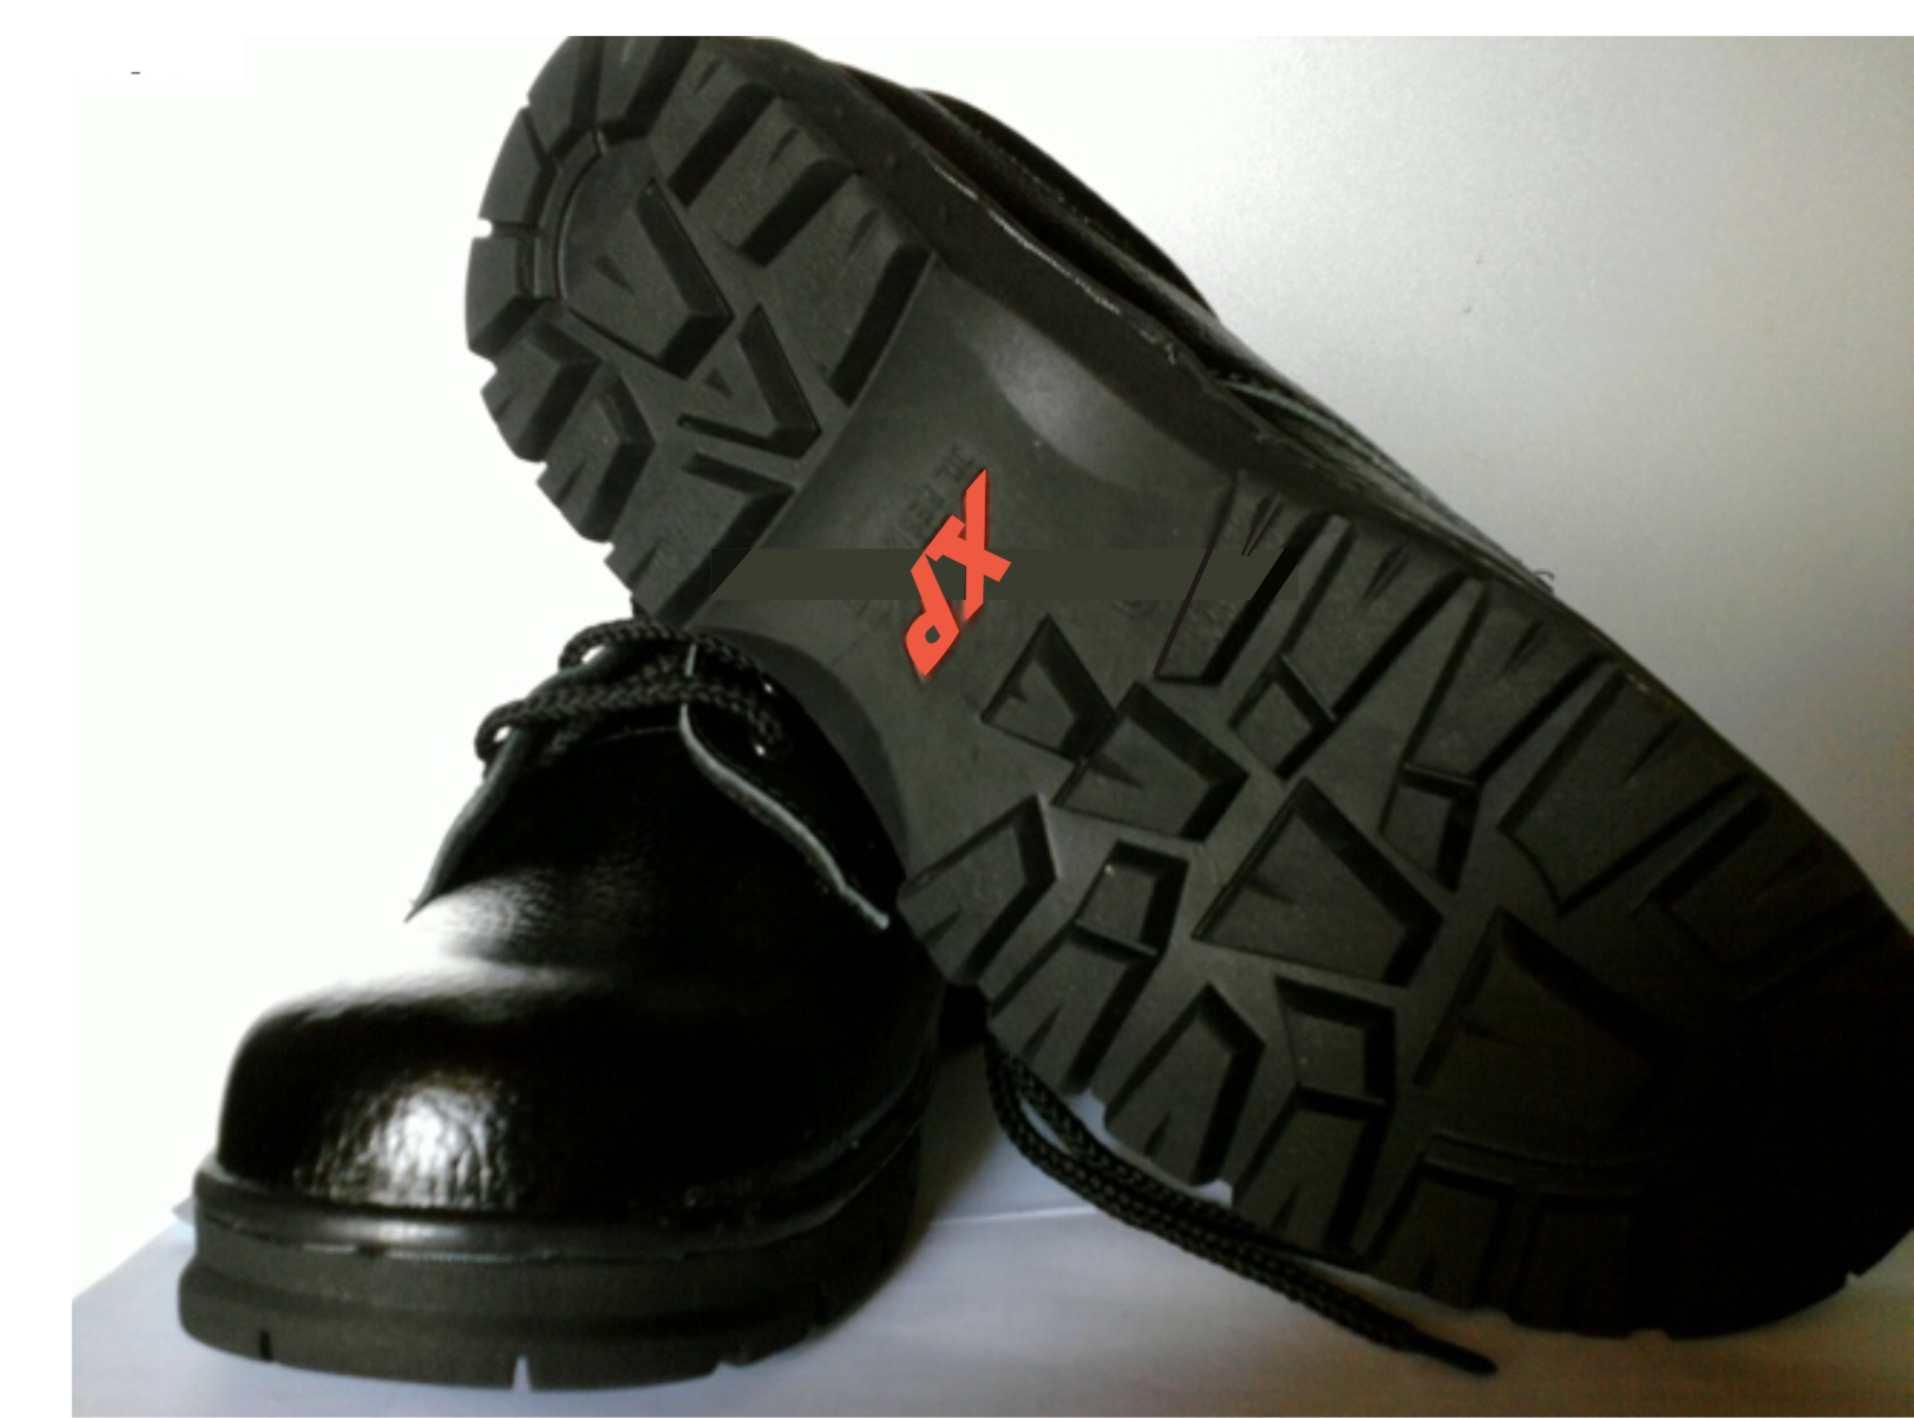 Kết quả hình ảnh cho Giày bảo hộ XP đế đỏ